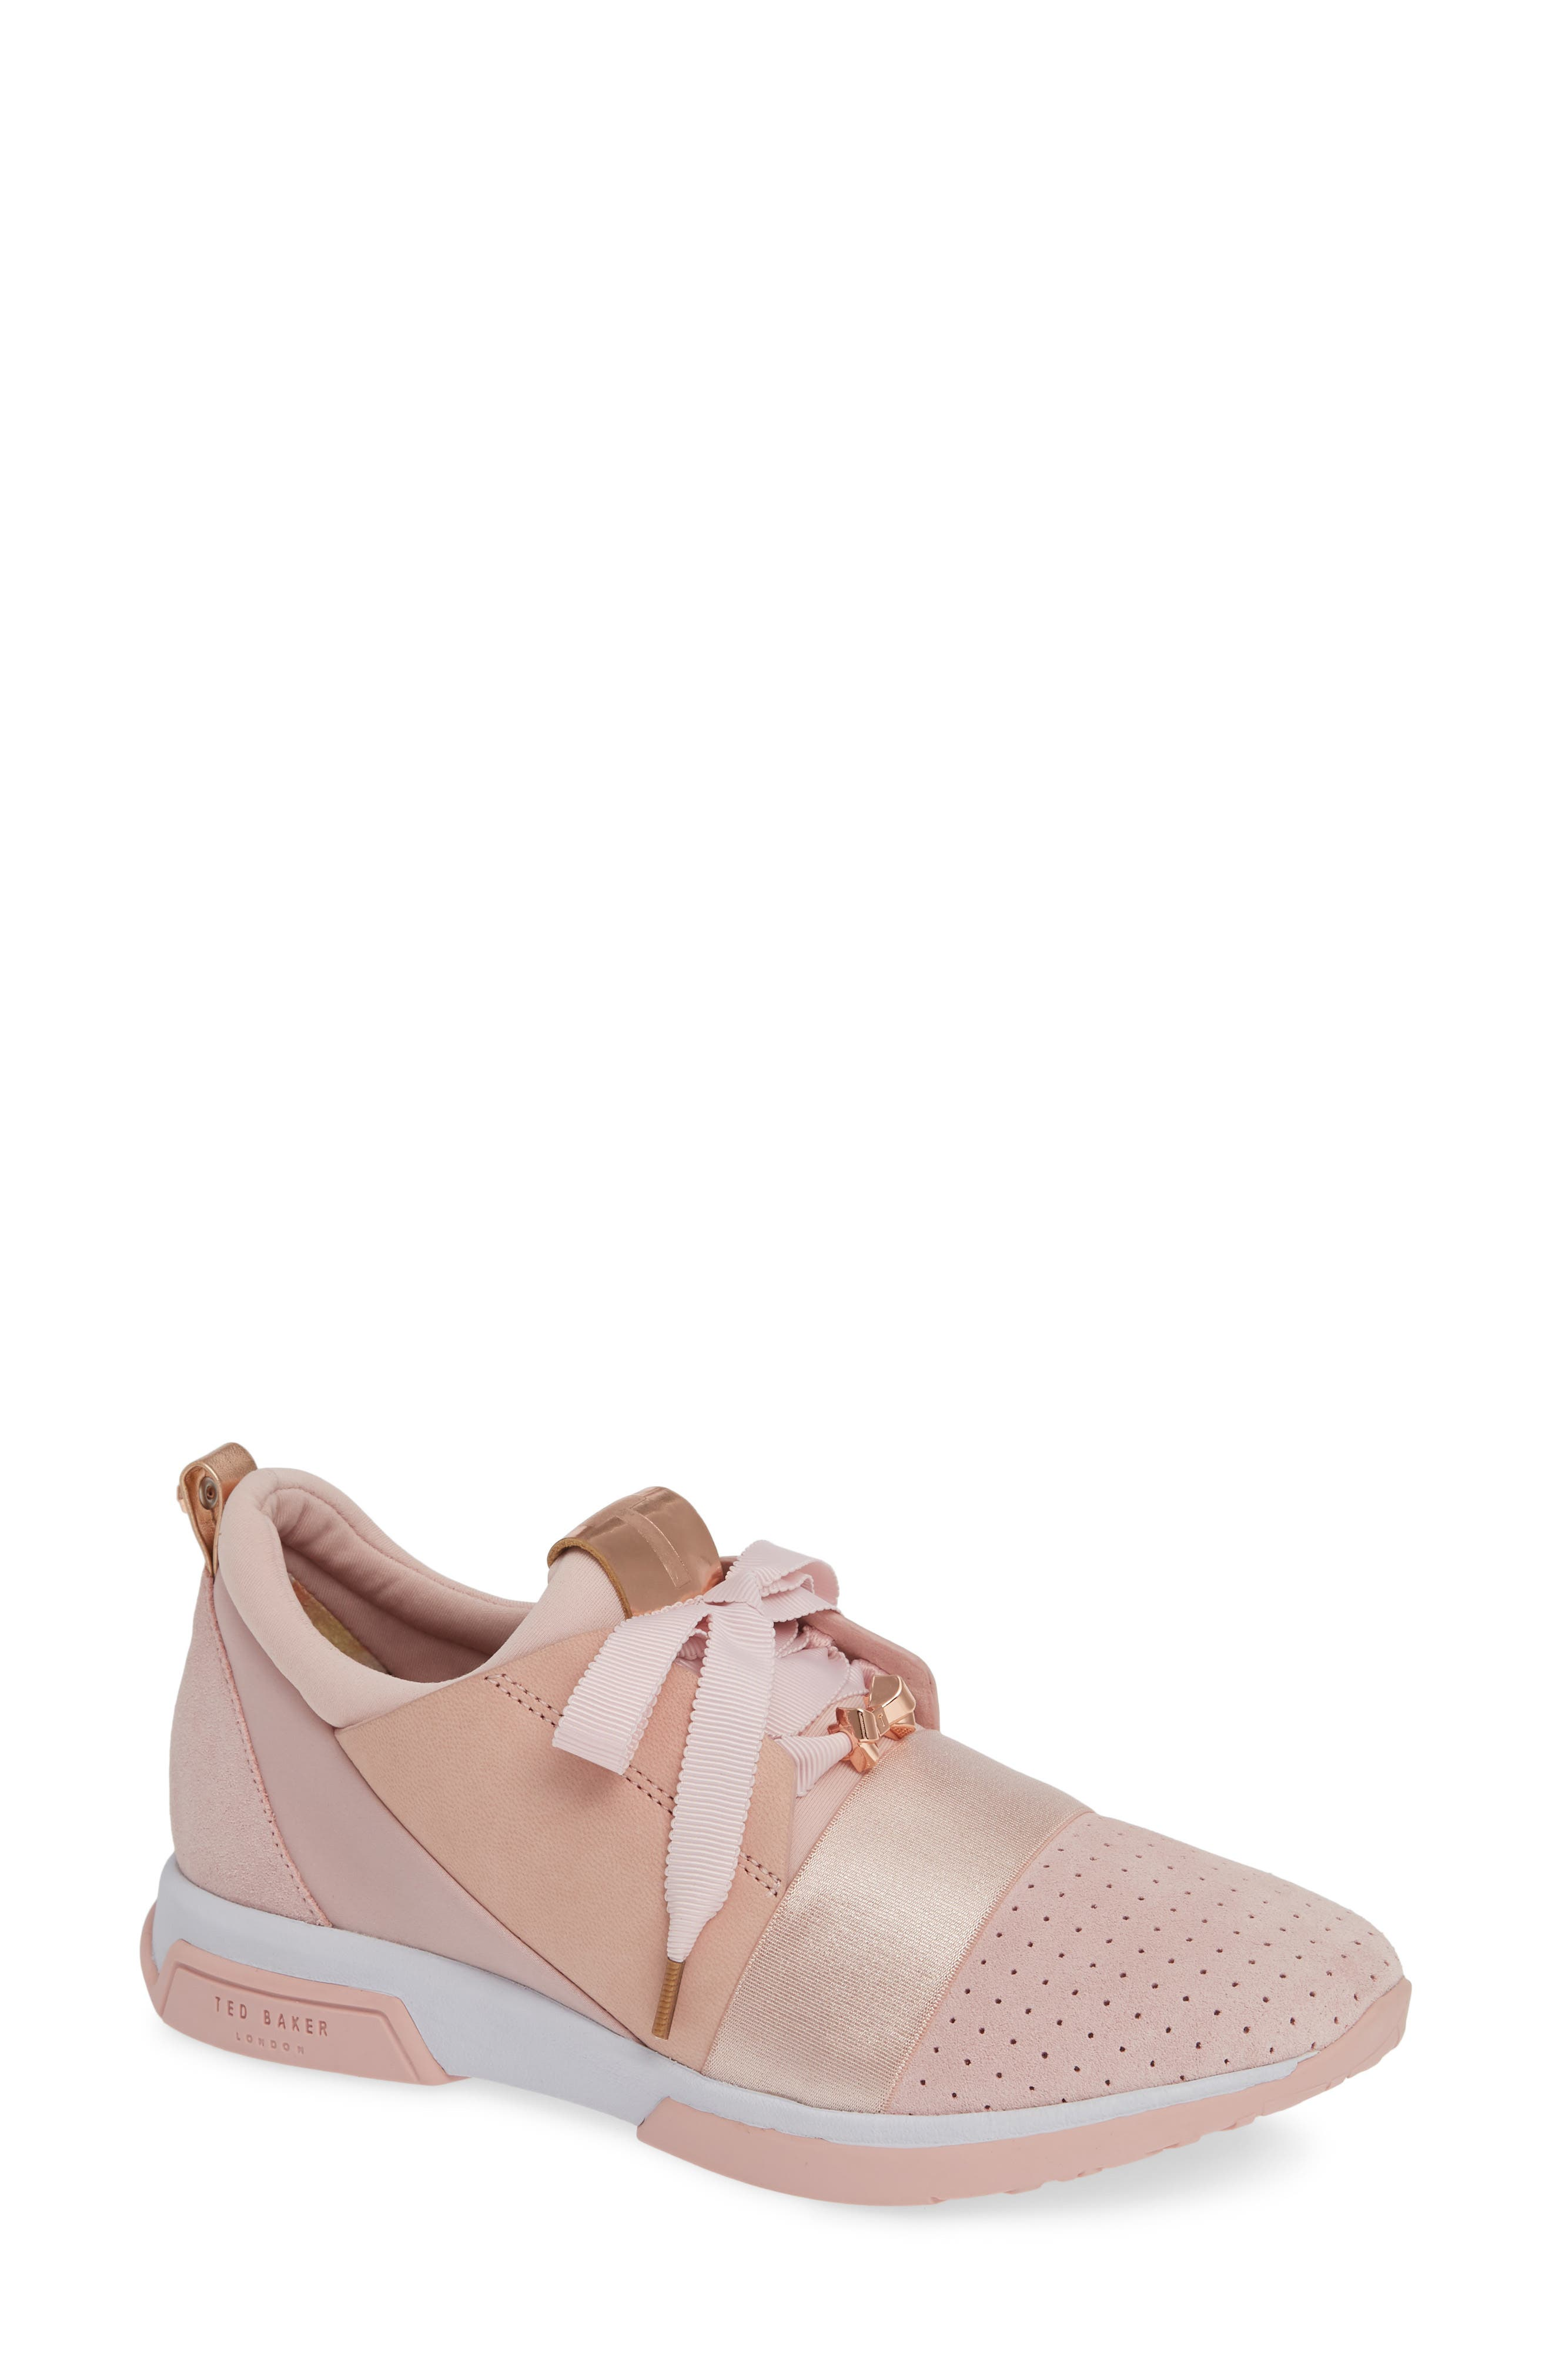 Ted Baker London Cepap 2 Sneaker, Pink